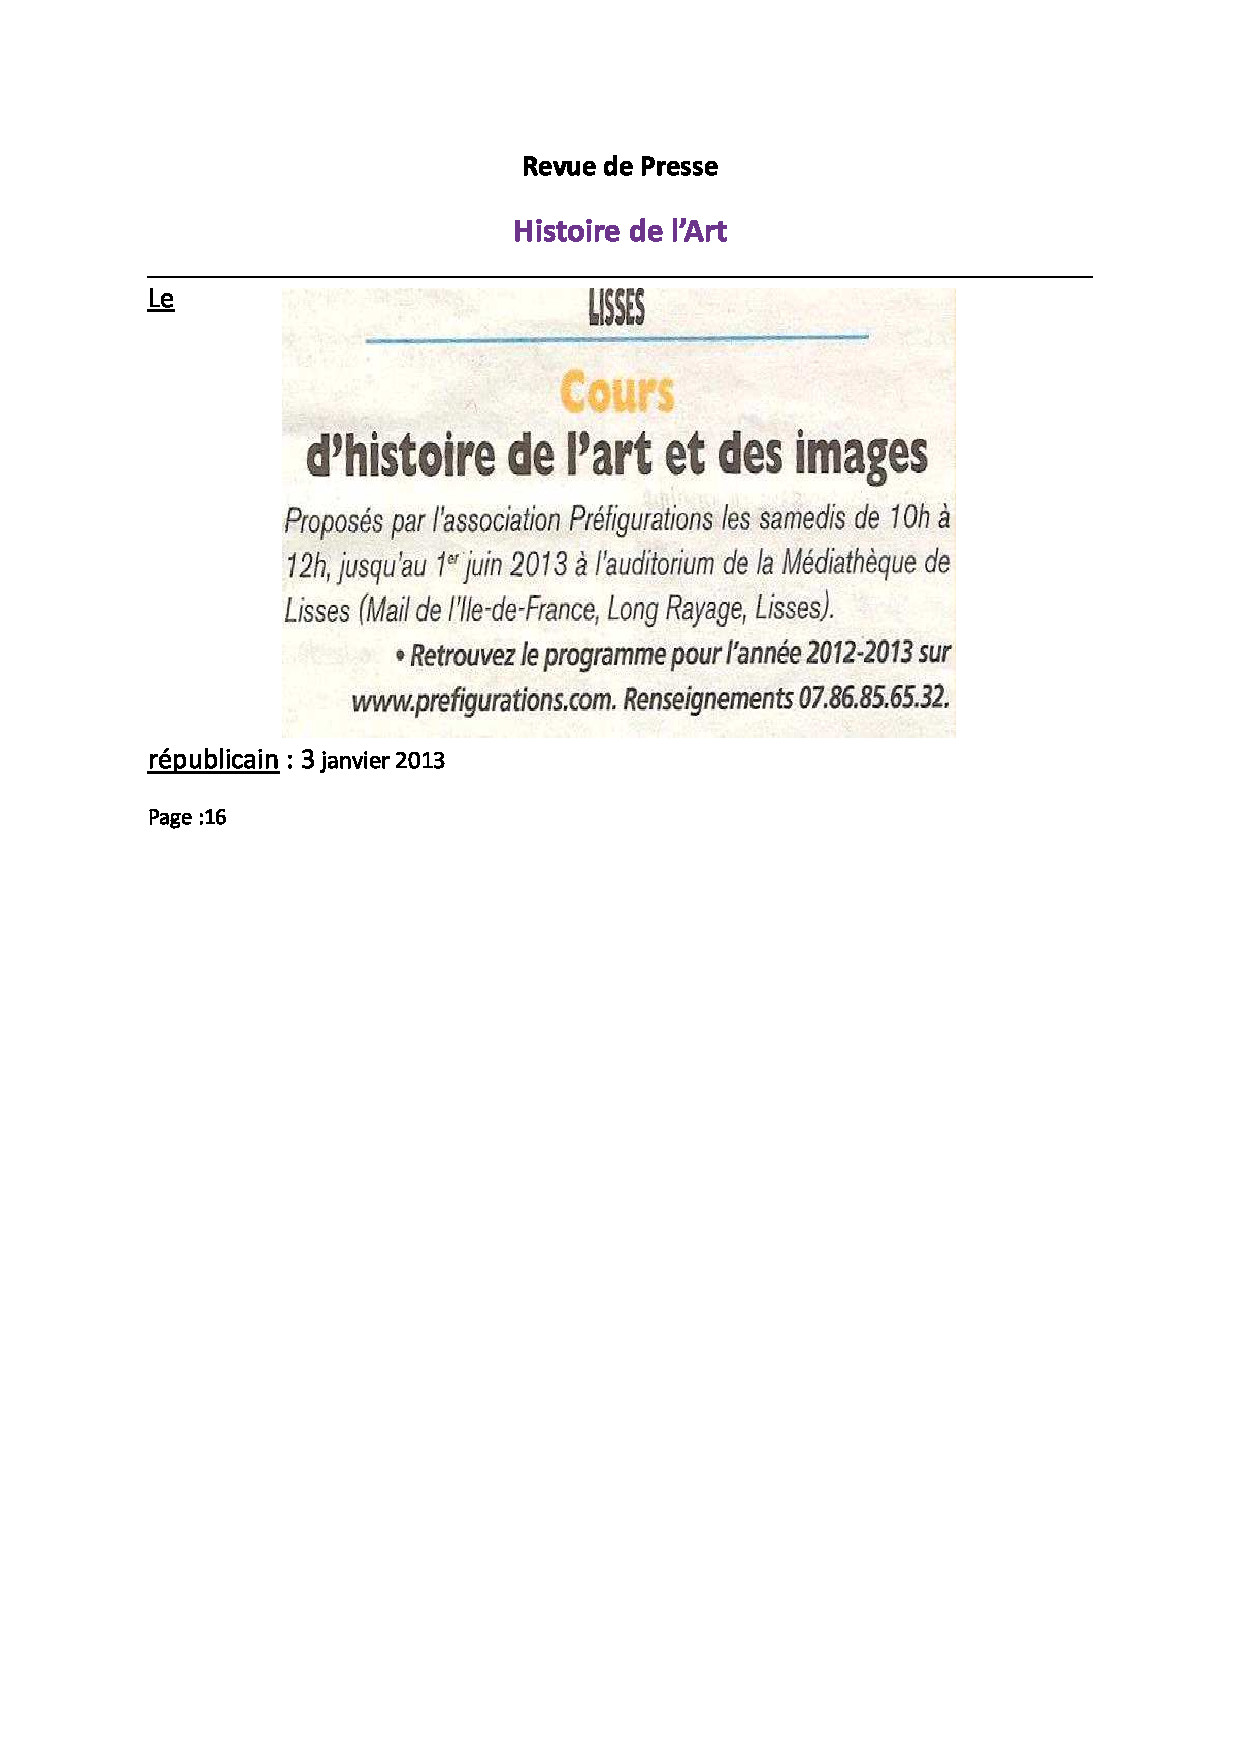 RP  Histoire de l'Art le Rep 3 janvier 2013